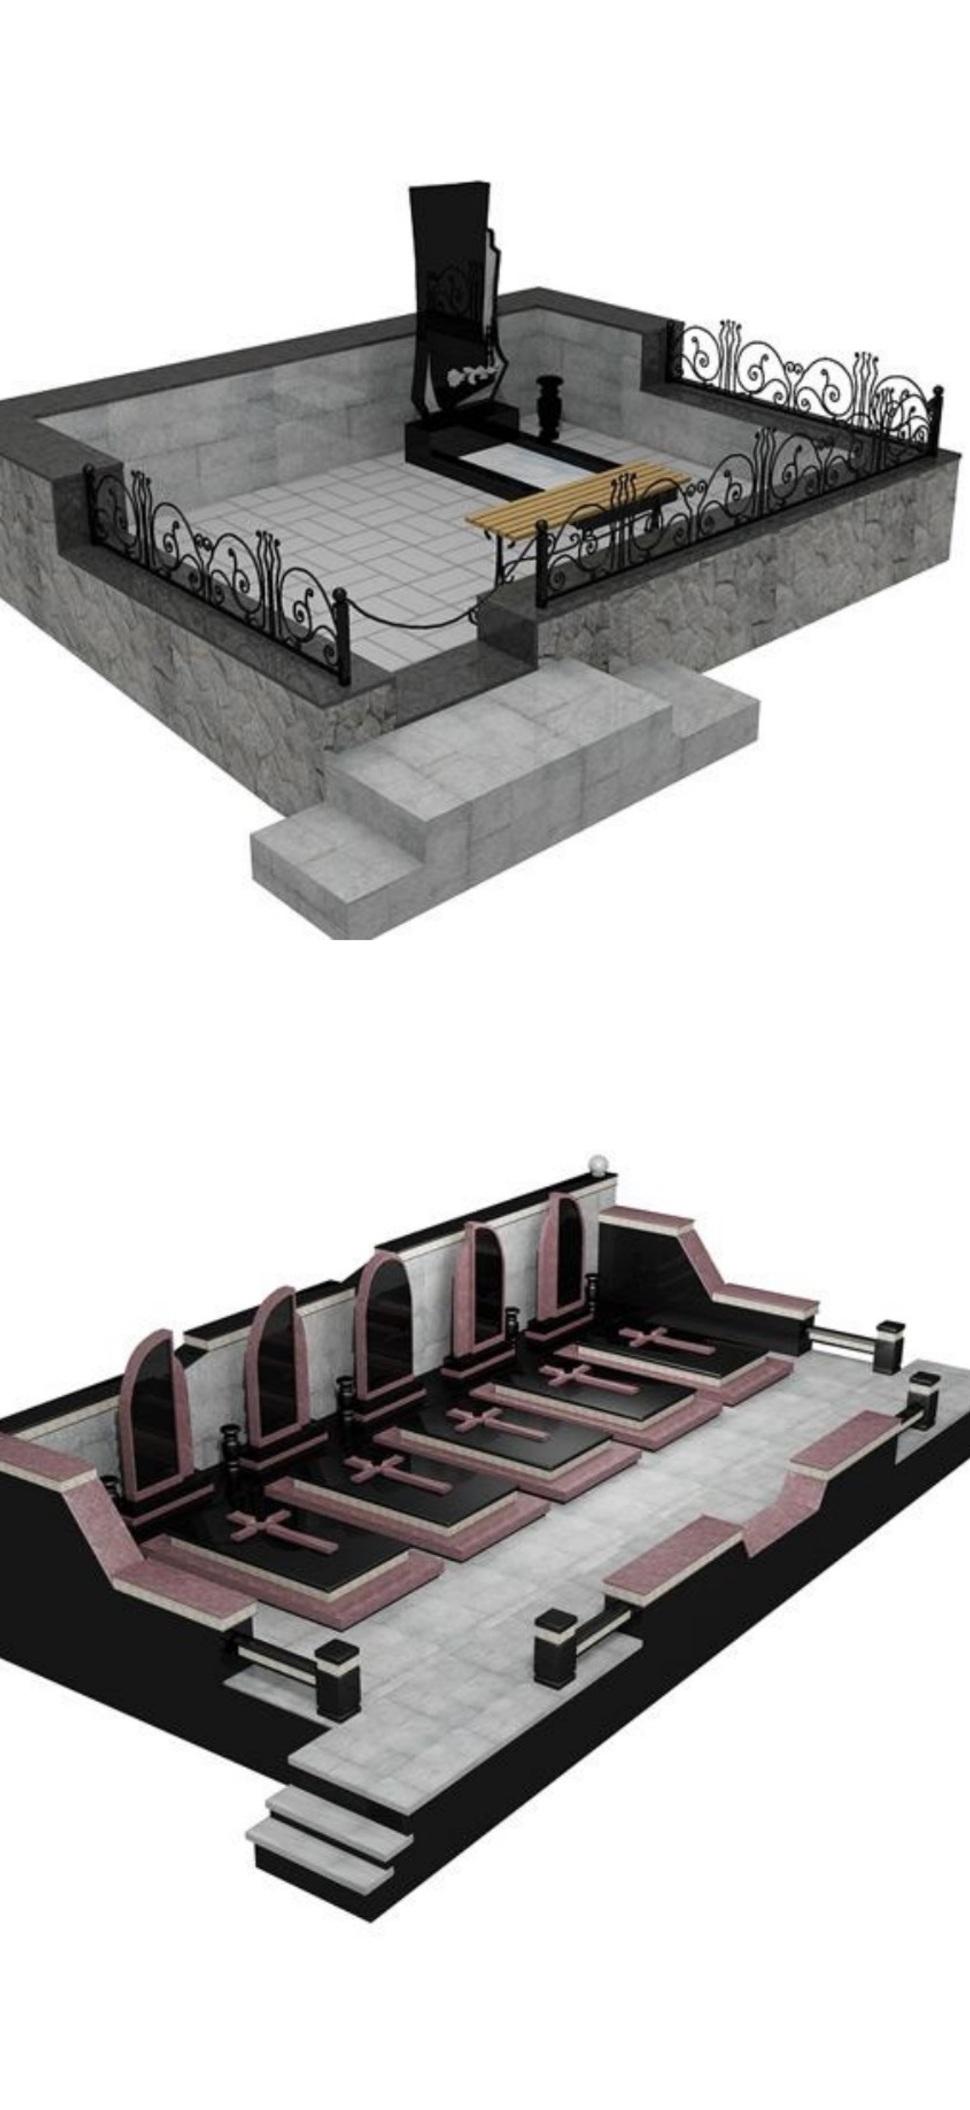 ритуальные услуги в воронеже, памятники недорого +в воронеже, памятники на могилу, памятники цены в воронеже, ритуальные услуги